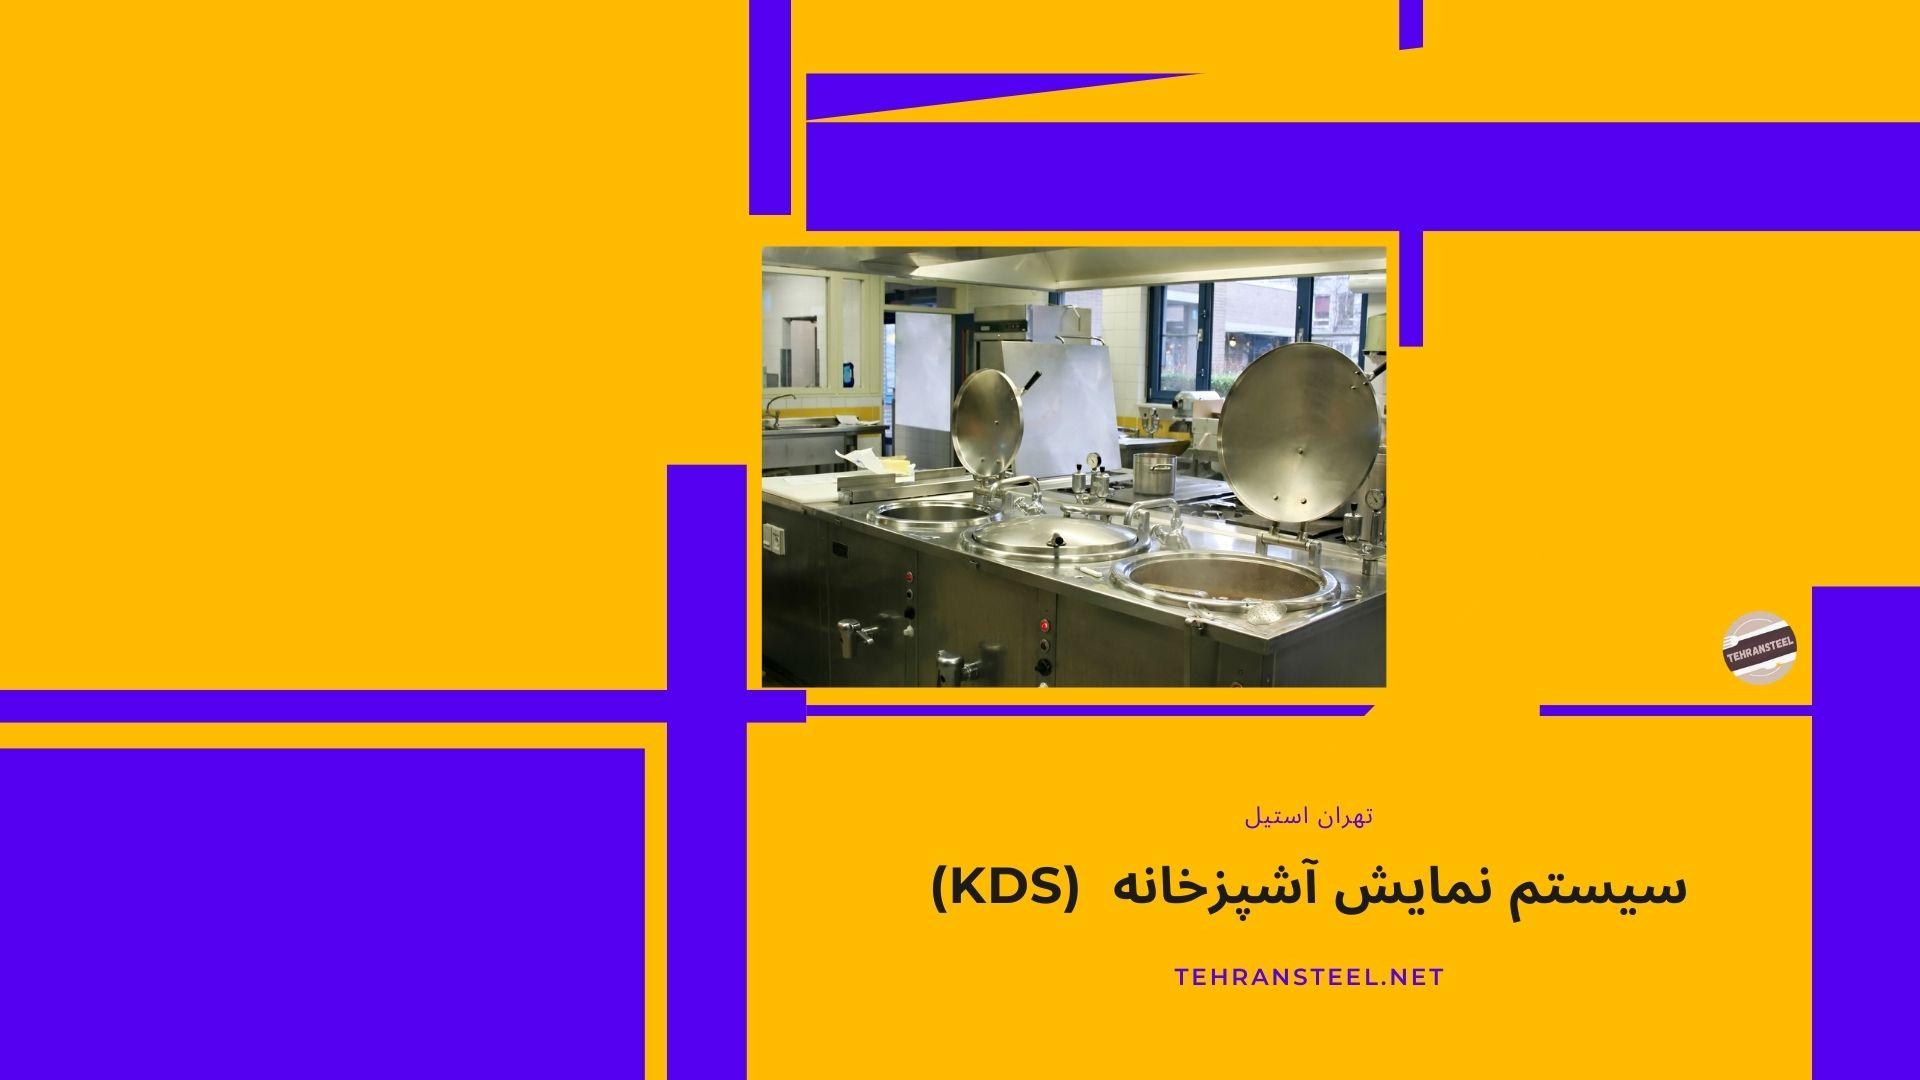 سیستم نمایش آشپزخانه (KDS)